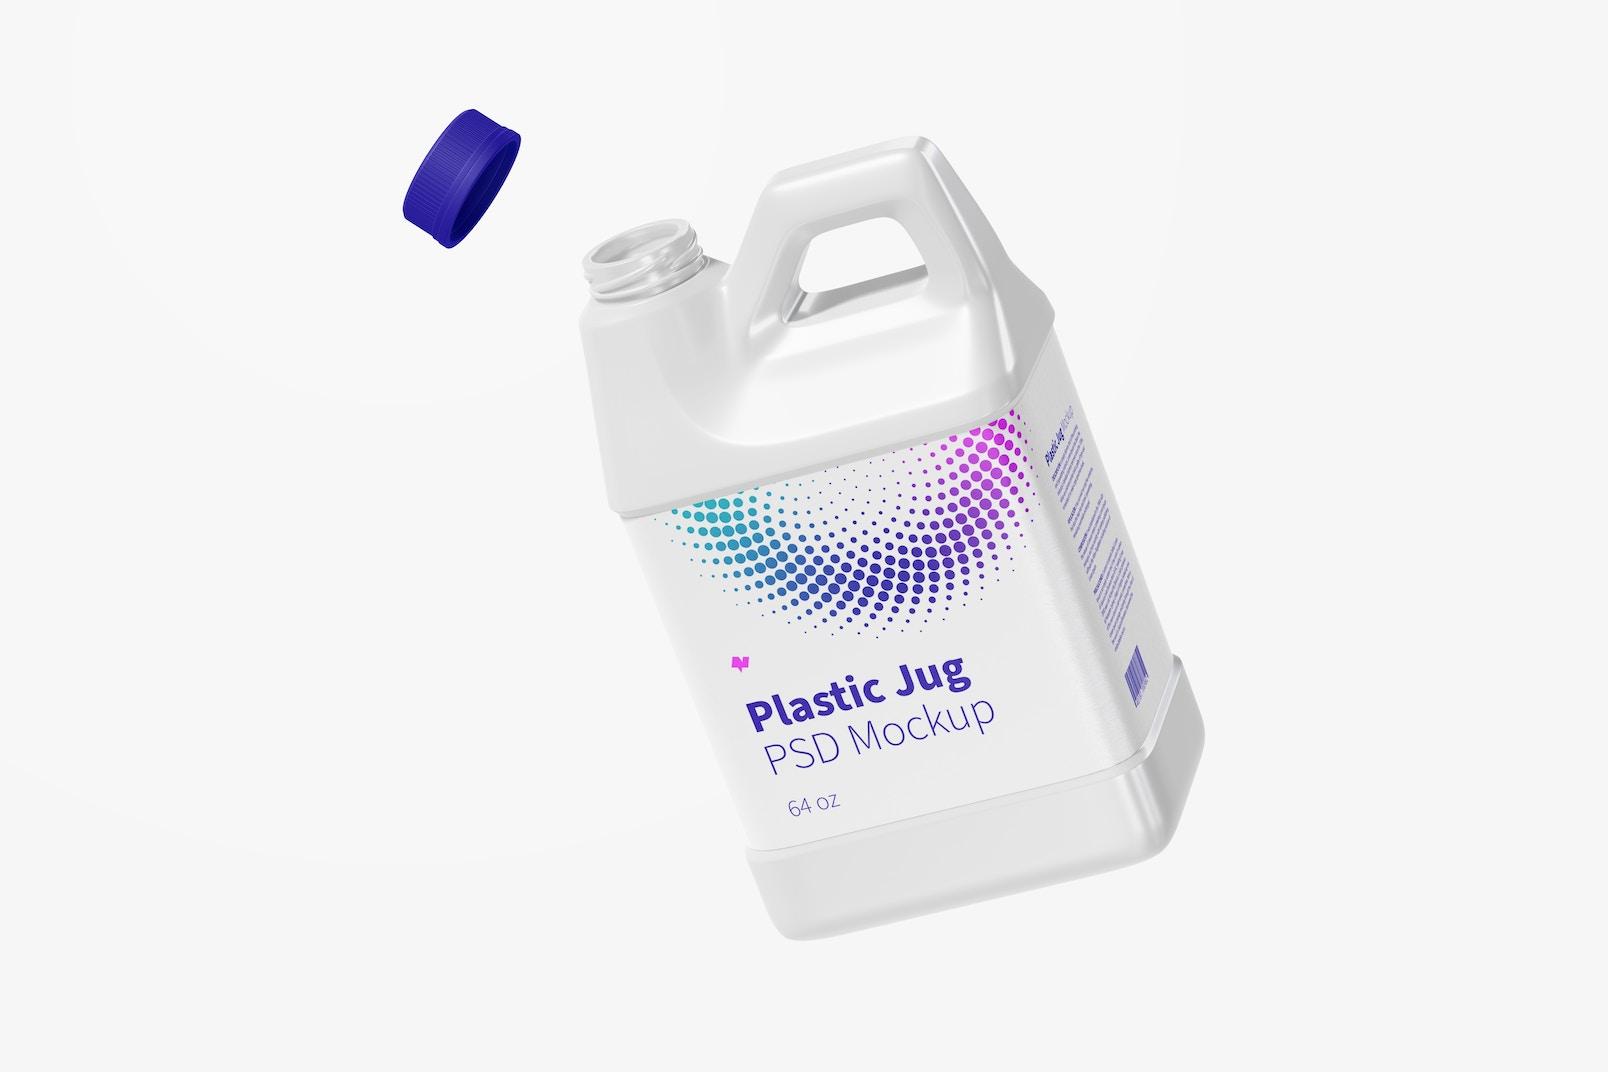 64 oz Plastic Jug Mockup, Floating